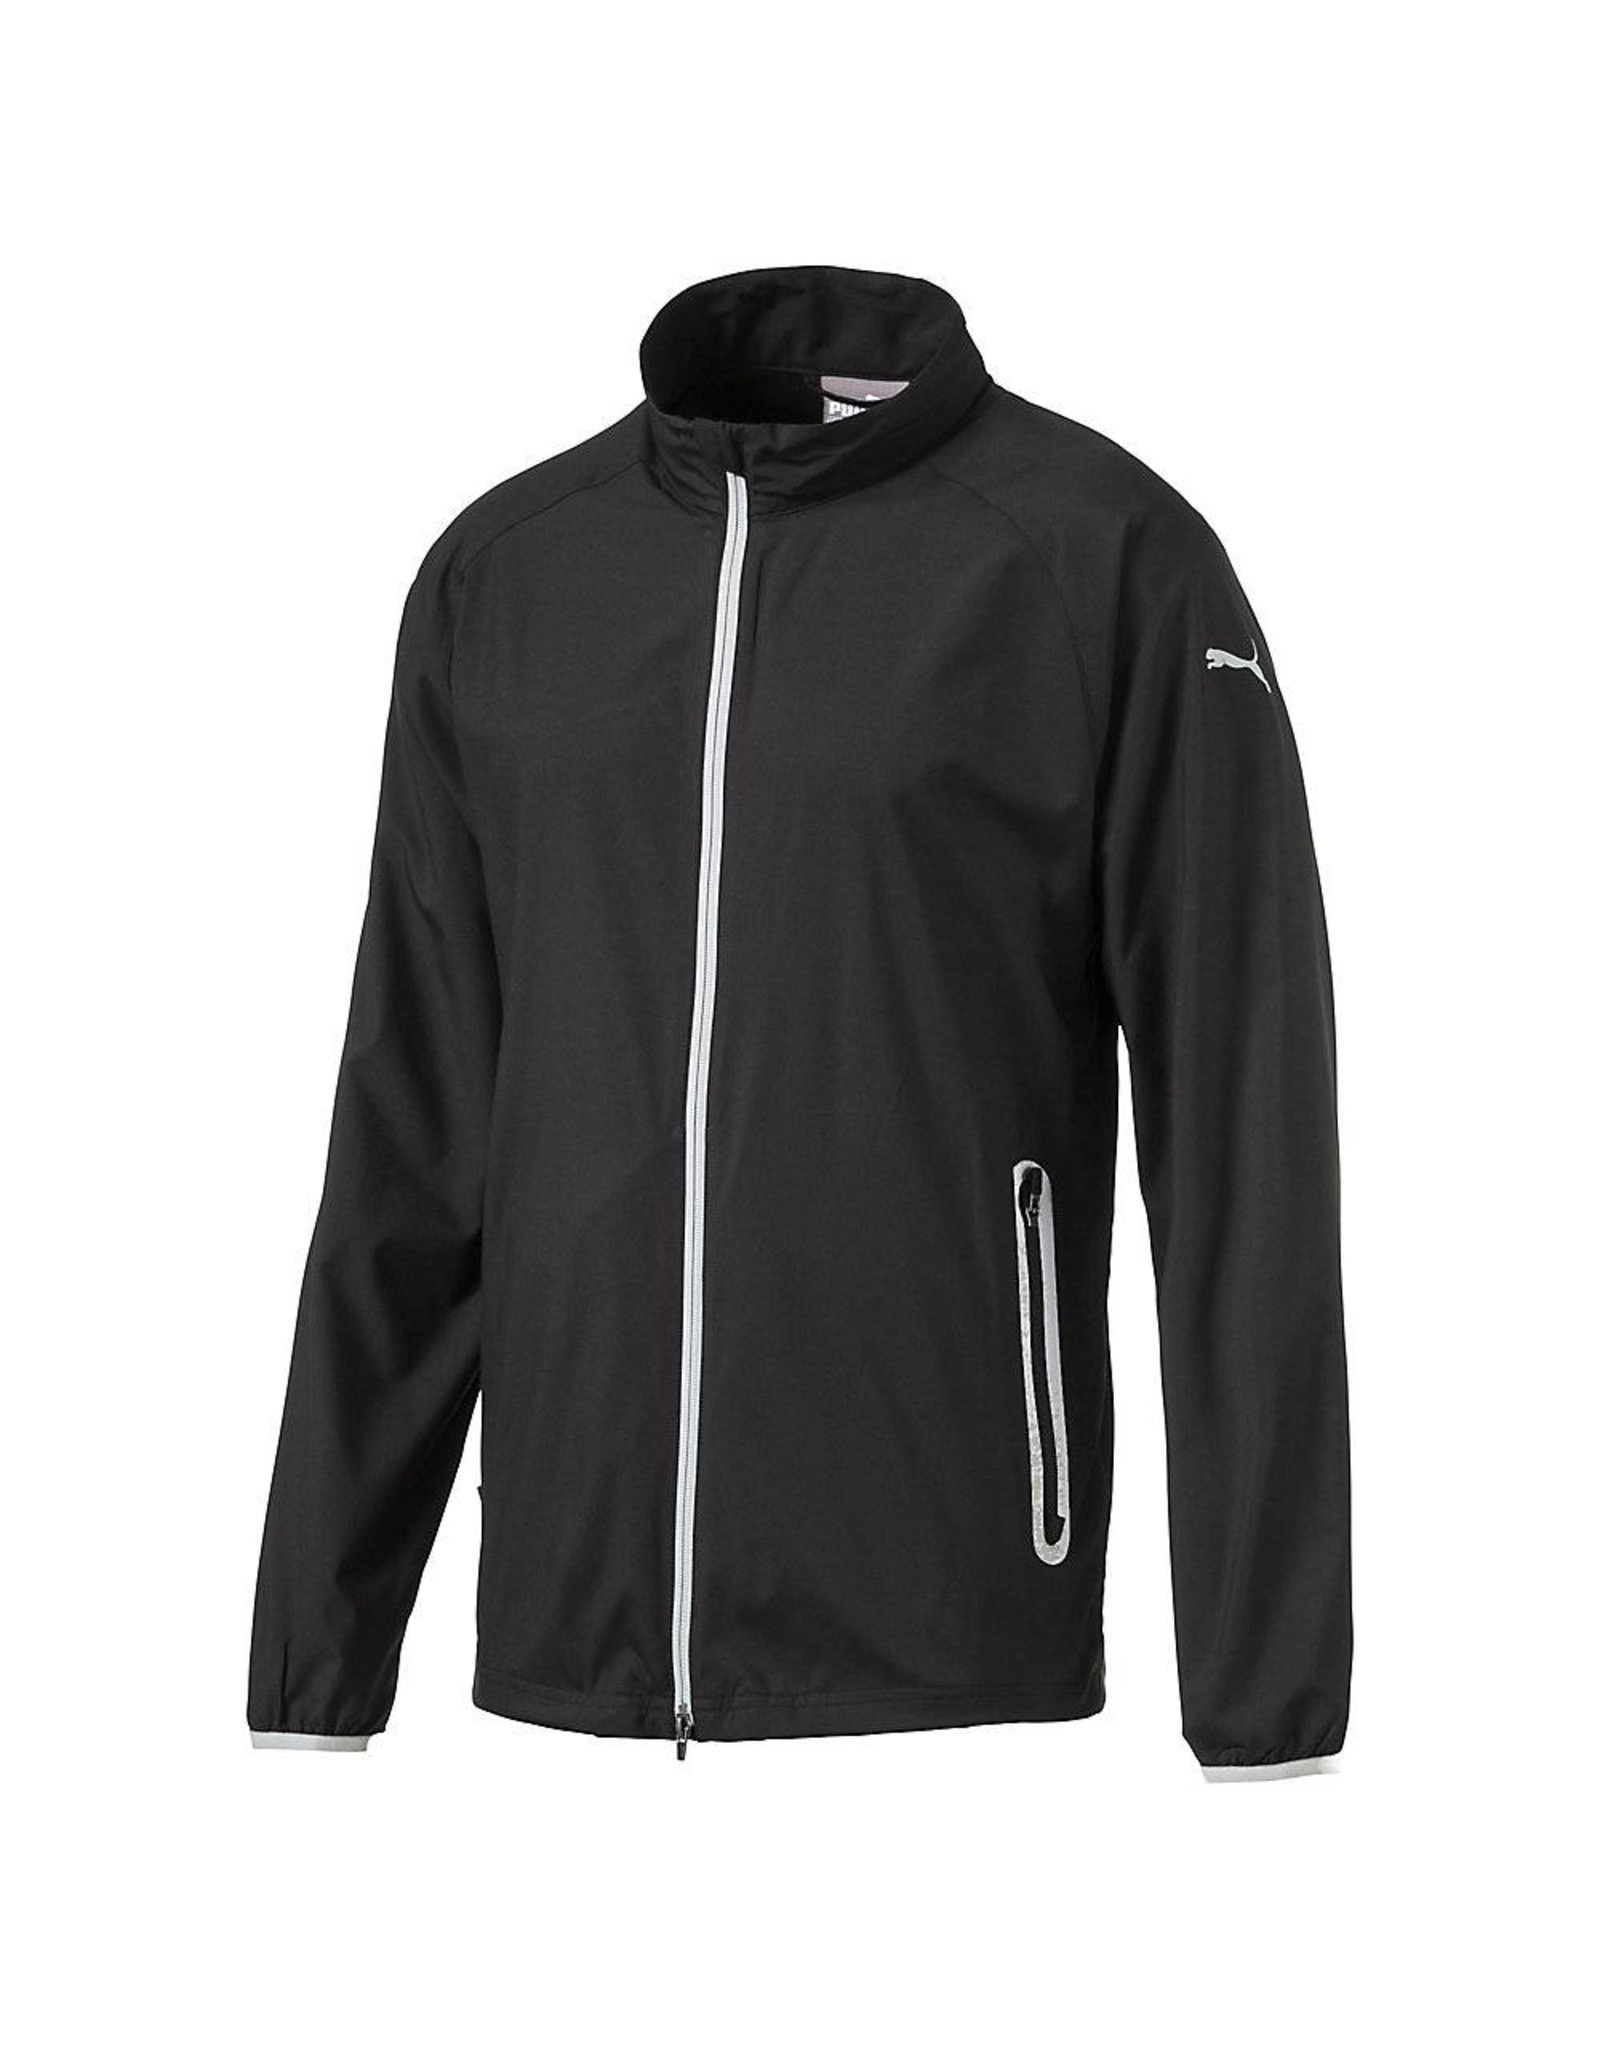 Puma Golf Puma Junior Full Zip Wind Jacket